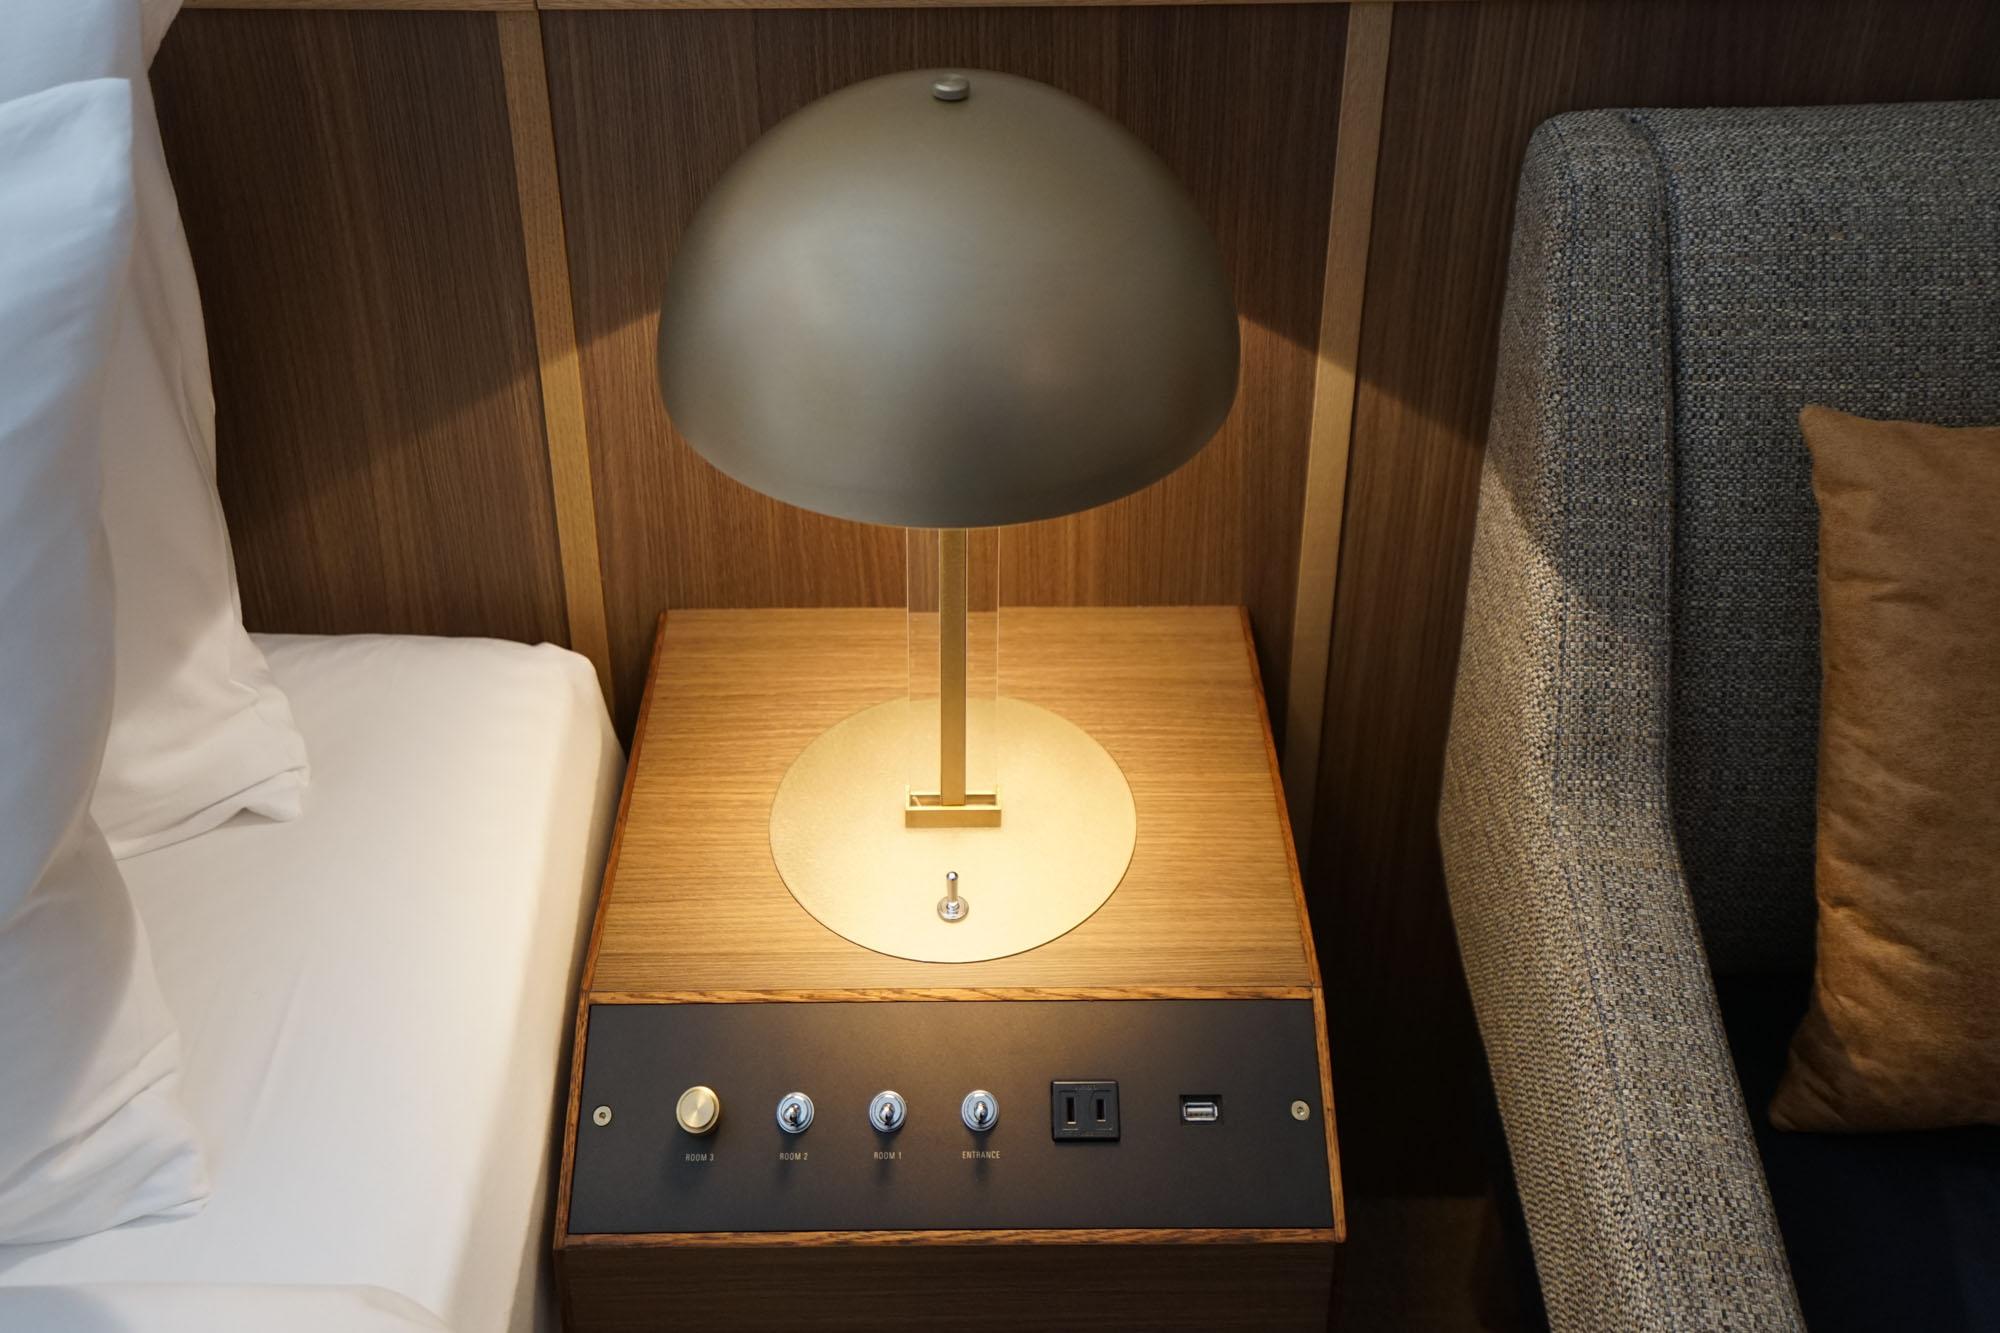 照明のつまみが可愛いサイドテーブル。もちろんコンセントも完備。